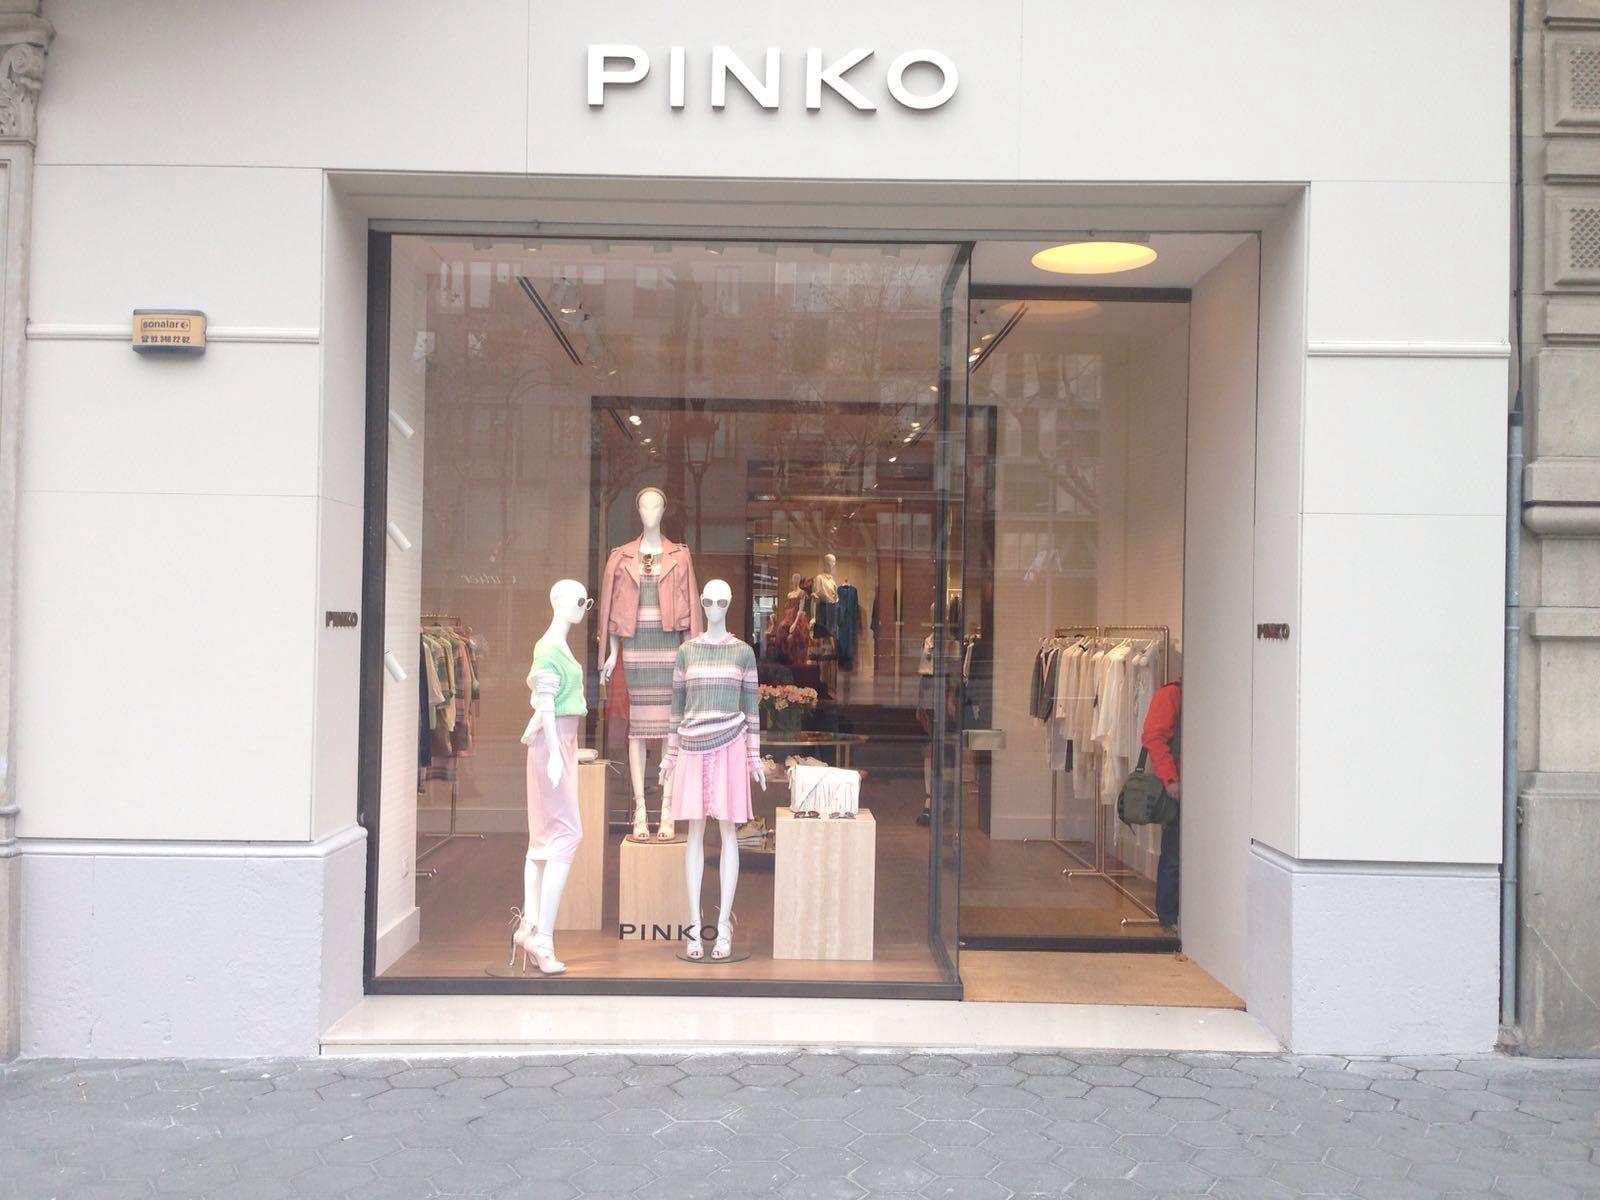 reformas_locales_comerciales_oficinas_pinko paseo gracia08